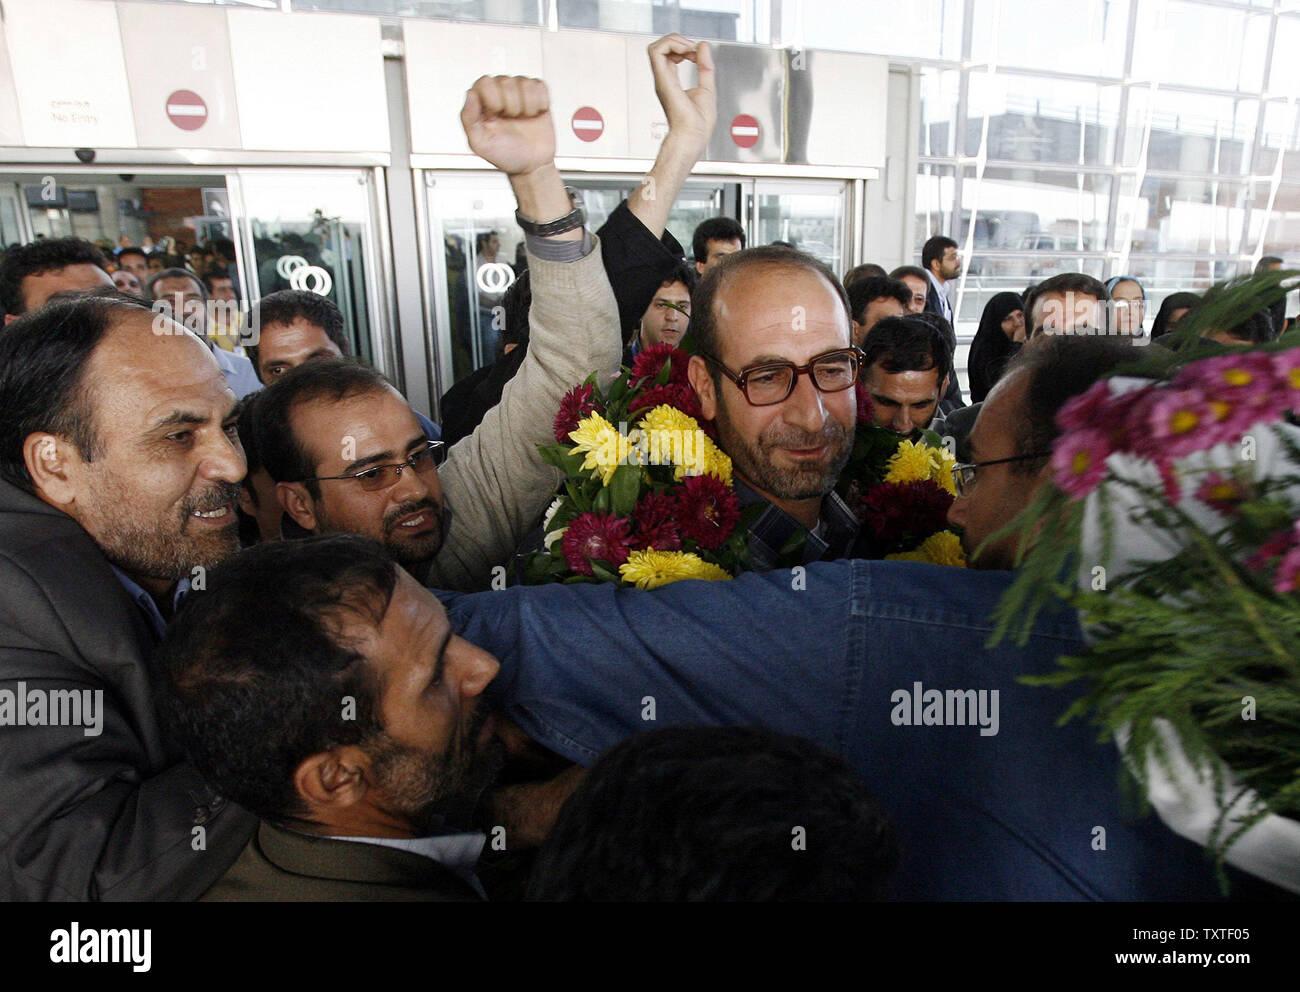 Les diplomates iraniens Hamid Reza Asghari (R) qui a été arrêté dans la ville d'Arbil est accueilli par ses partisans et des membres de la famille à l'aéroport Imam Khomeiny à Téhéran, Iran, le 9 novembre 2007. Neuf iraniens, dont deux diplomates qui avaient été arrêtés dans le nord de la ville d'Arbil, ont été libérés vendredi. UPI (photo) Banque D'Images